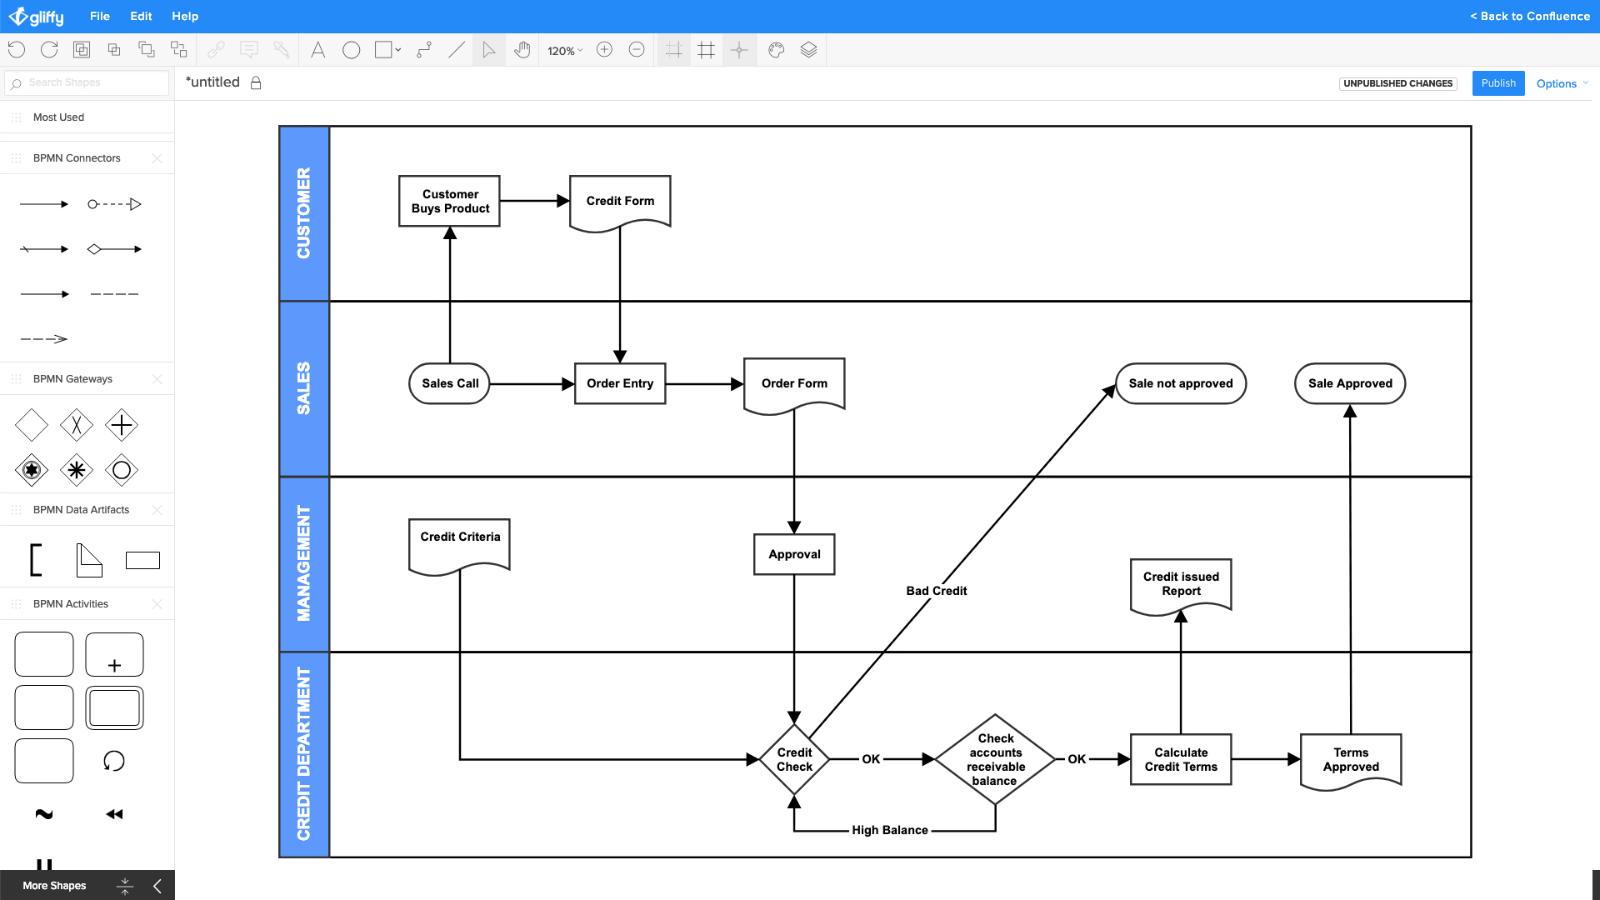 Beispiel für ein E-Commerce-Transaktionsprozessdiagramm mit freundlicher Genehmigung von Gliffy